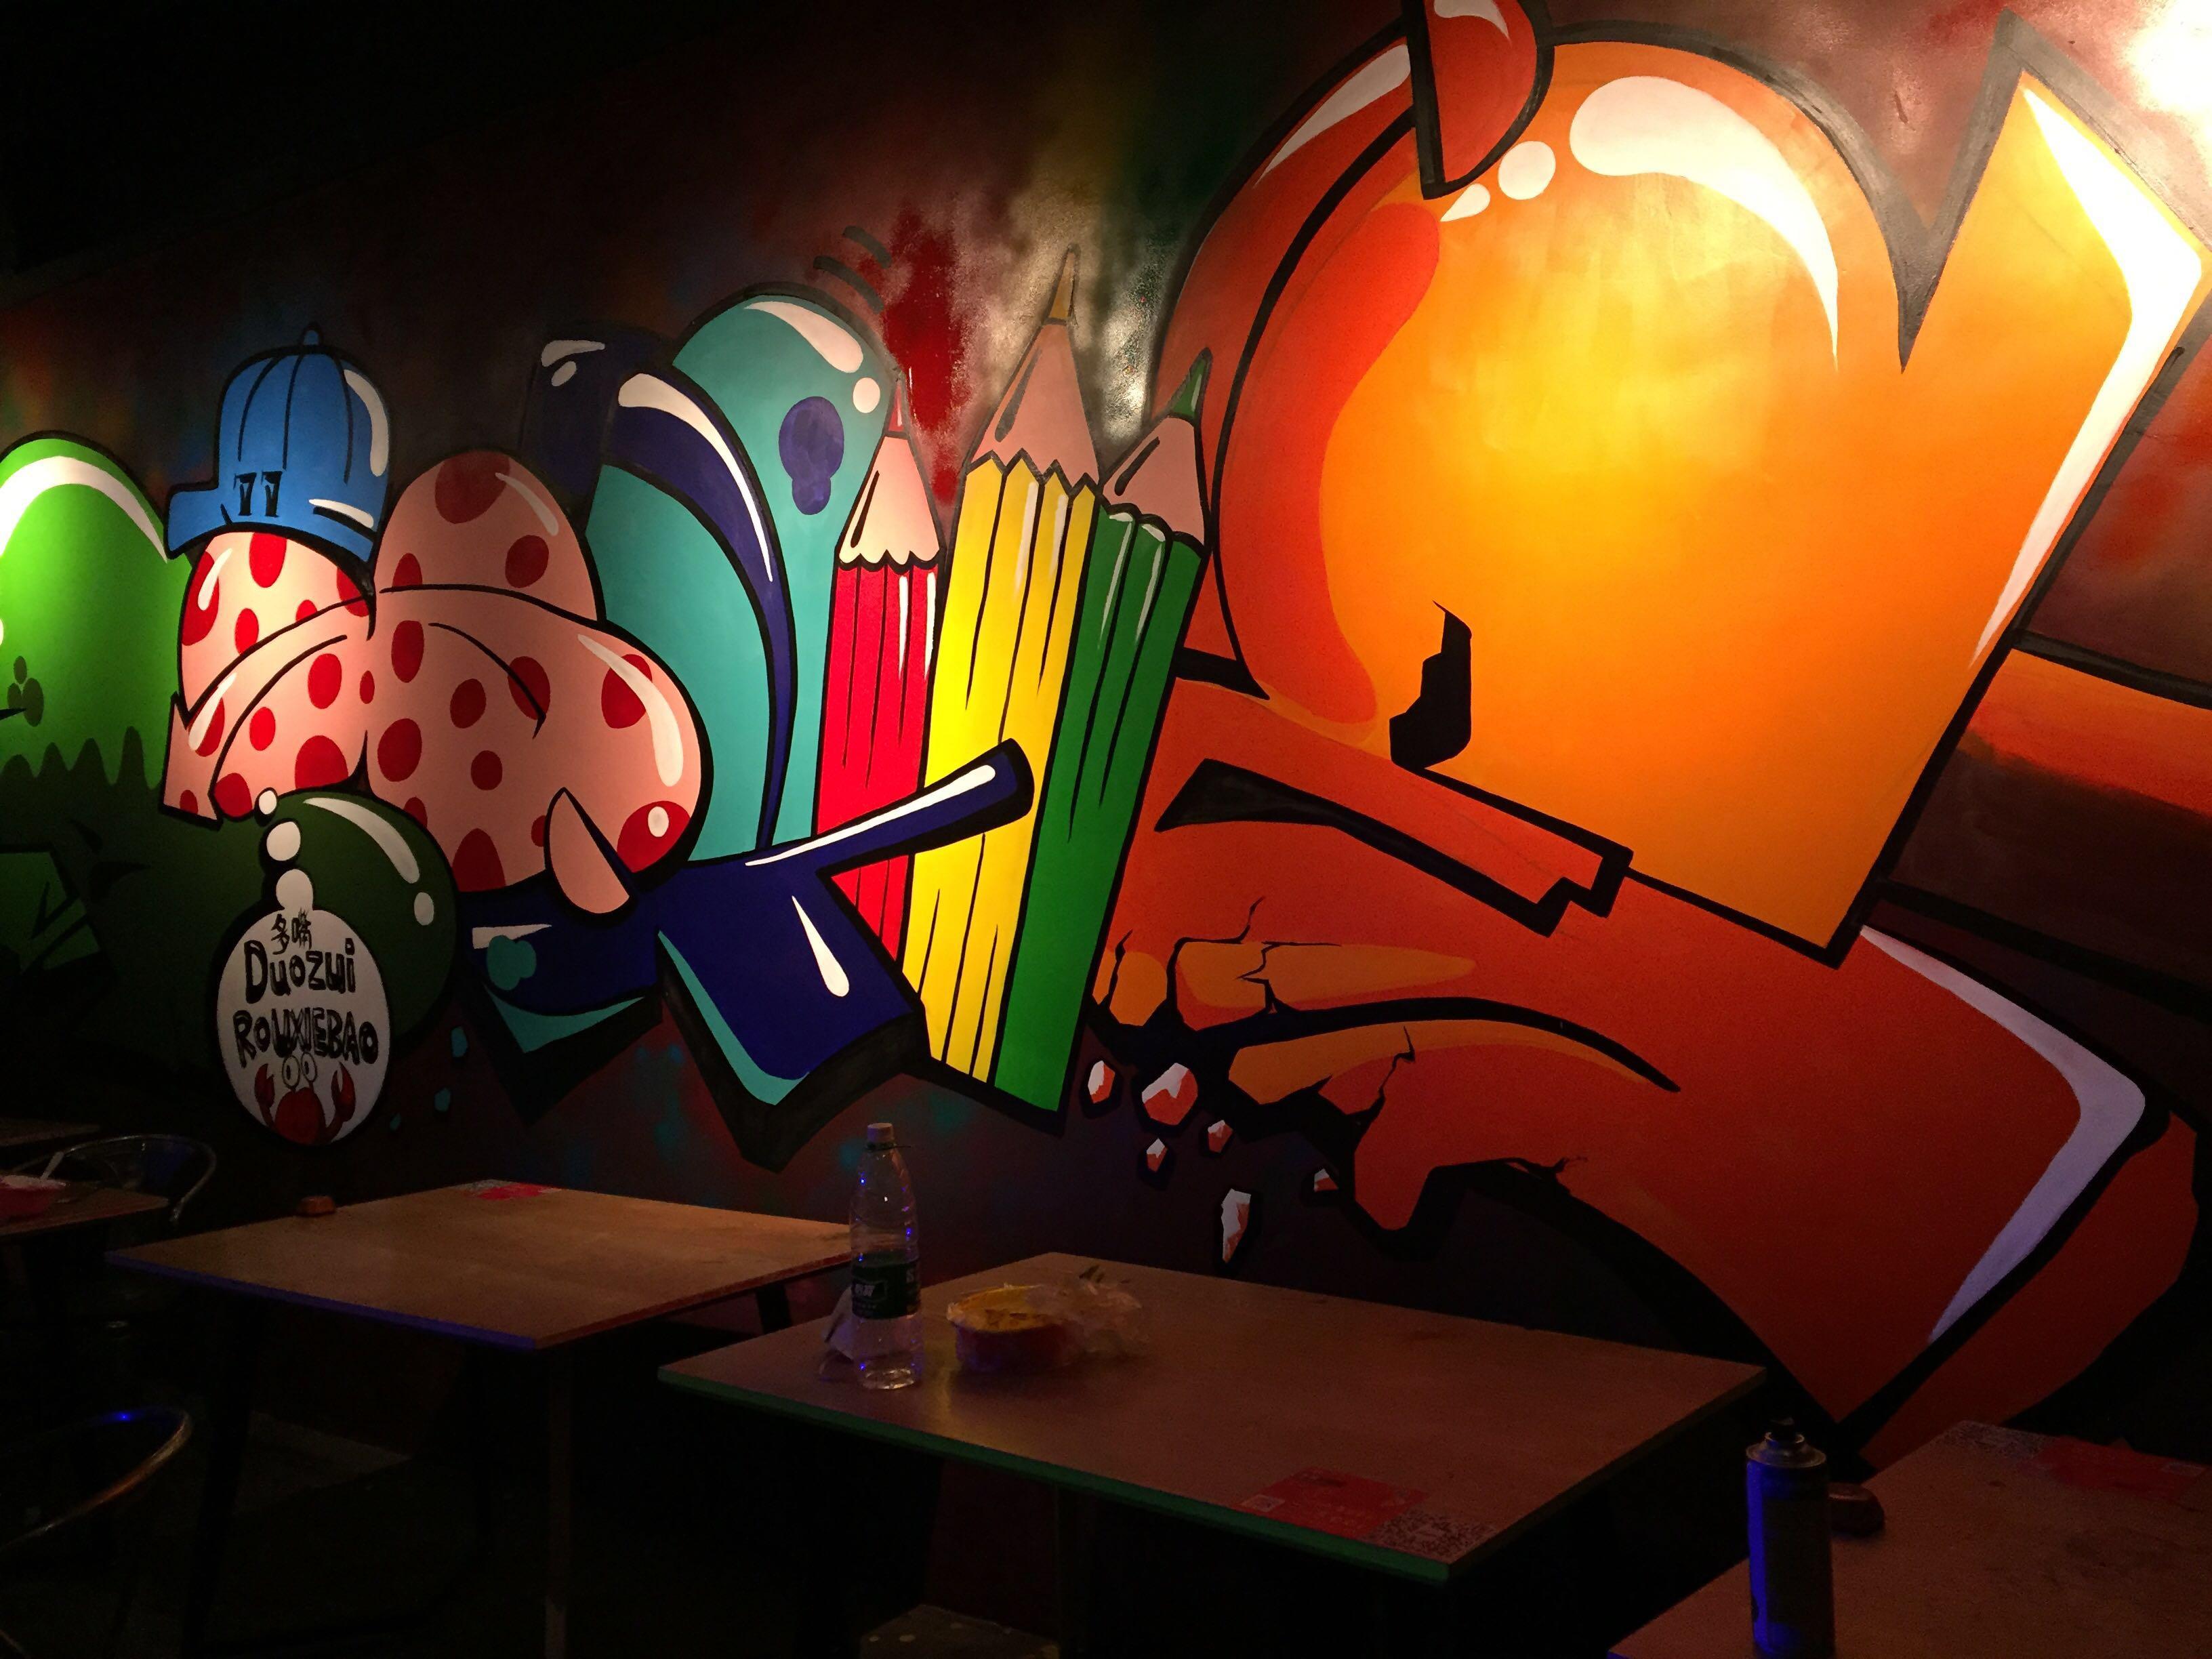 幼儿园 3.学校(文化墙) 4.餐饮业(连锁主题餐厅) 5.网吧 6.球吧 7.